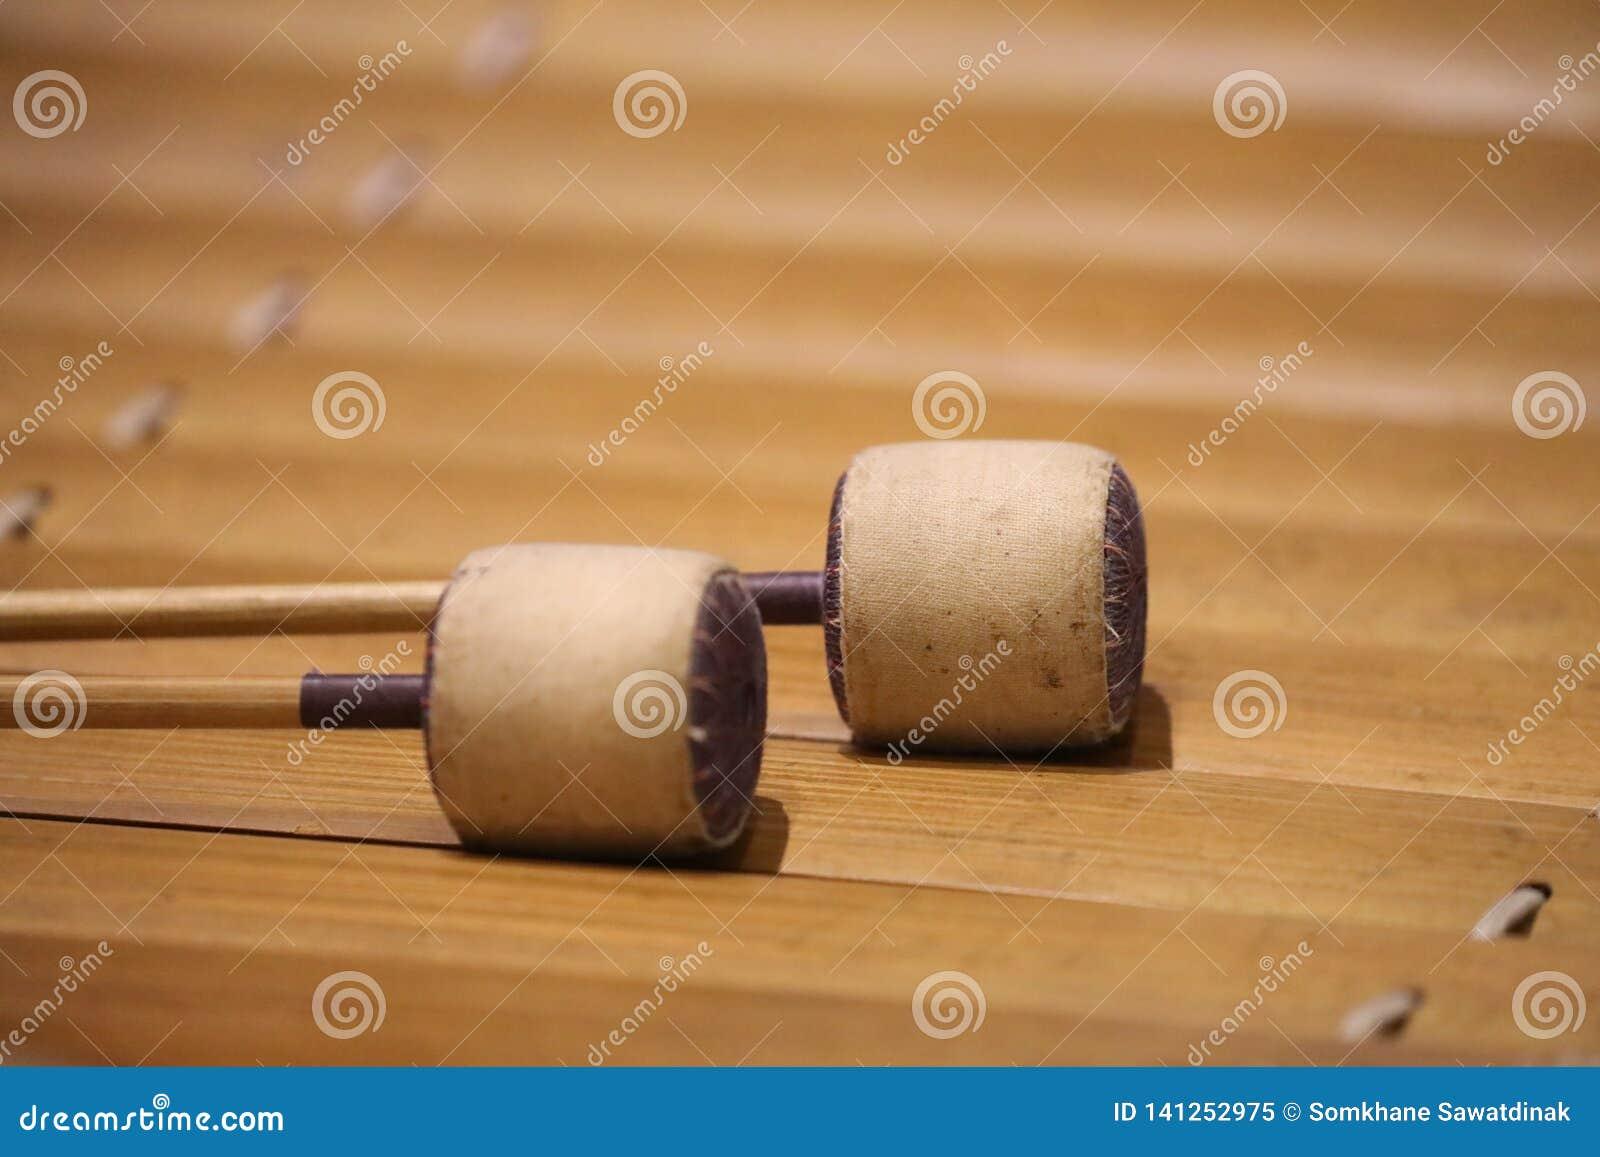 Το xylophone είναι ένα μουσικό όργανο στην οικογένεια κρούσης που αποτελείται από τους ξύλινους φραγμούς